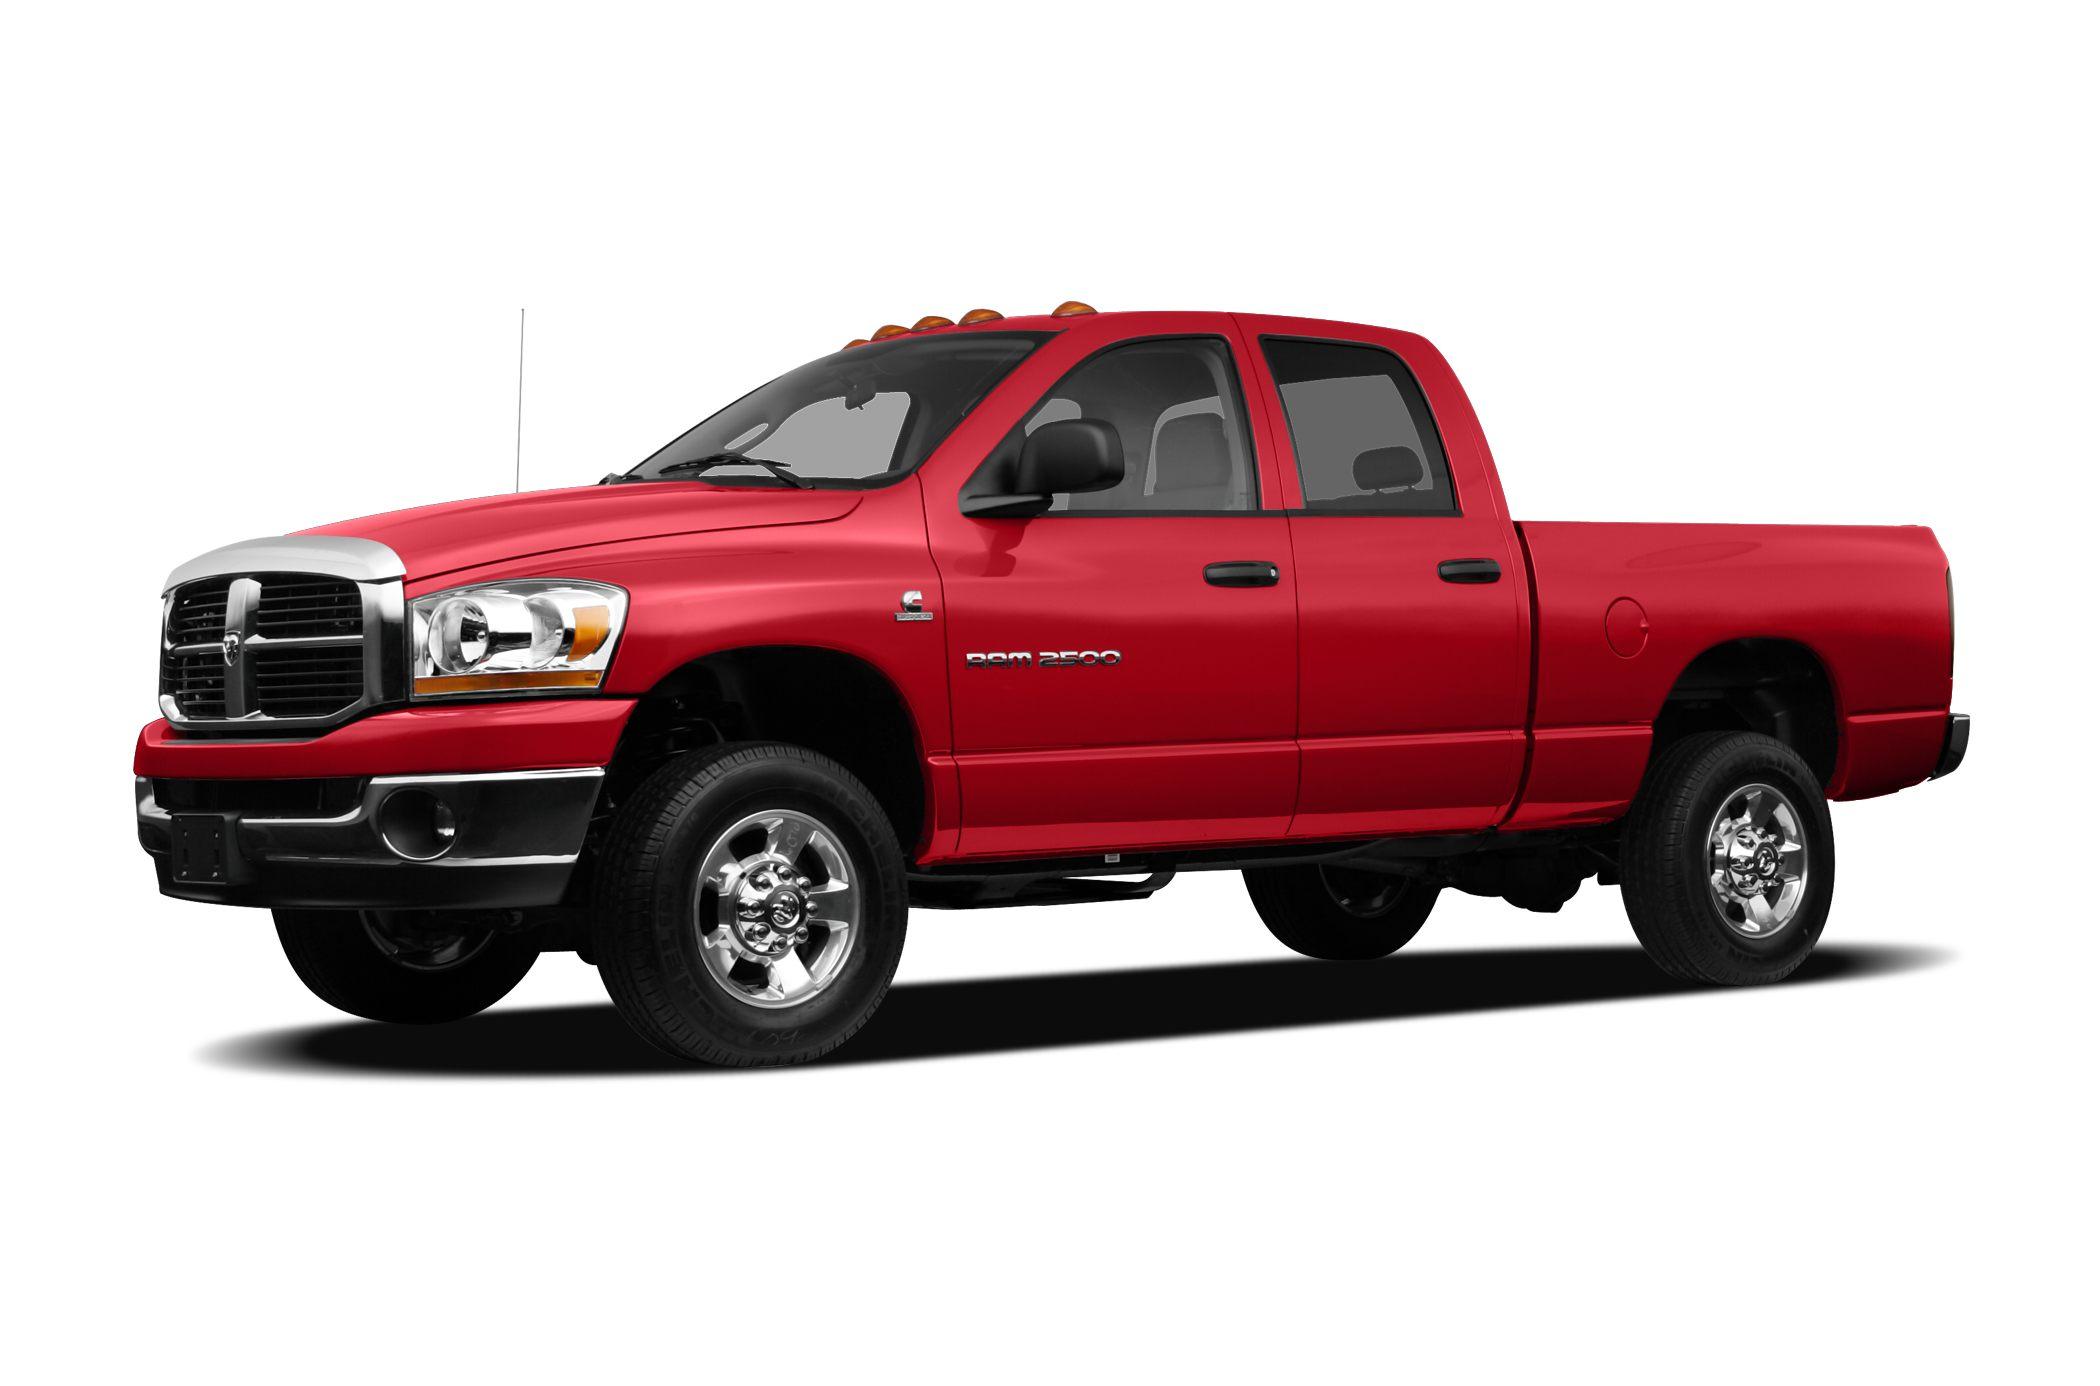 2008 Dodge Ram 2500 Laramie Cummins 67L I6 Turbodiesel 4WD Odometer is 32338 miles below market